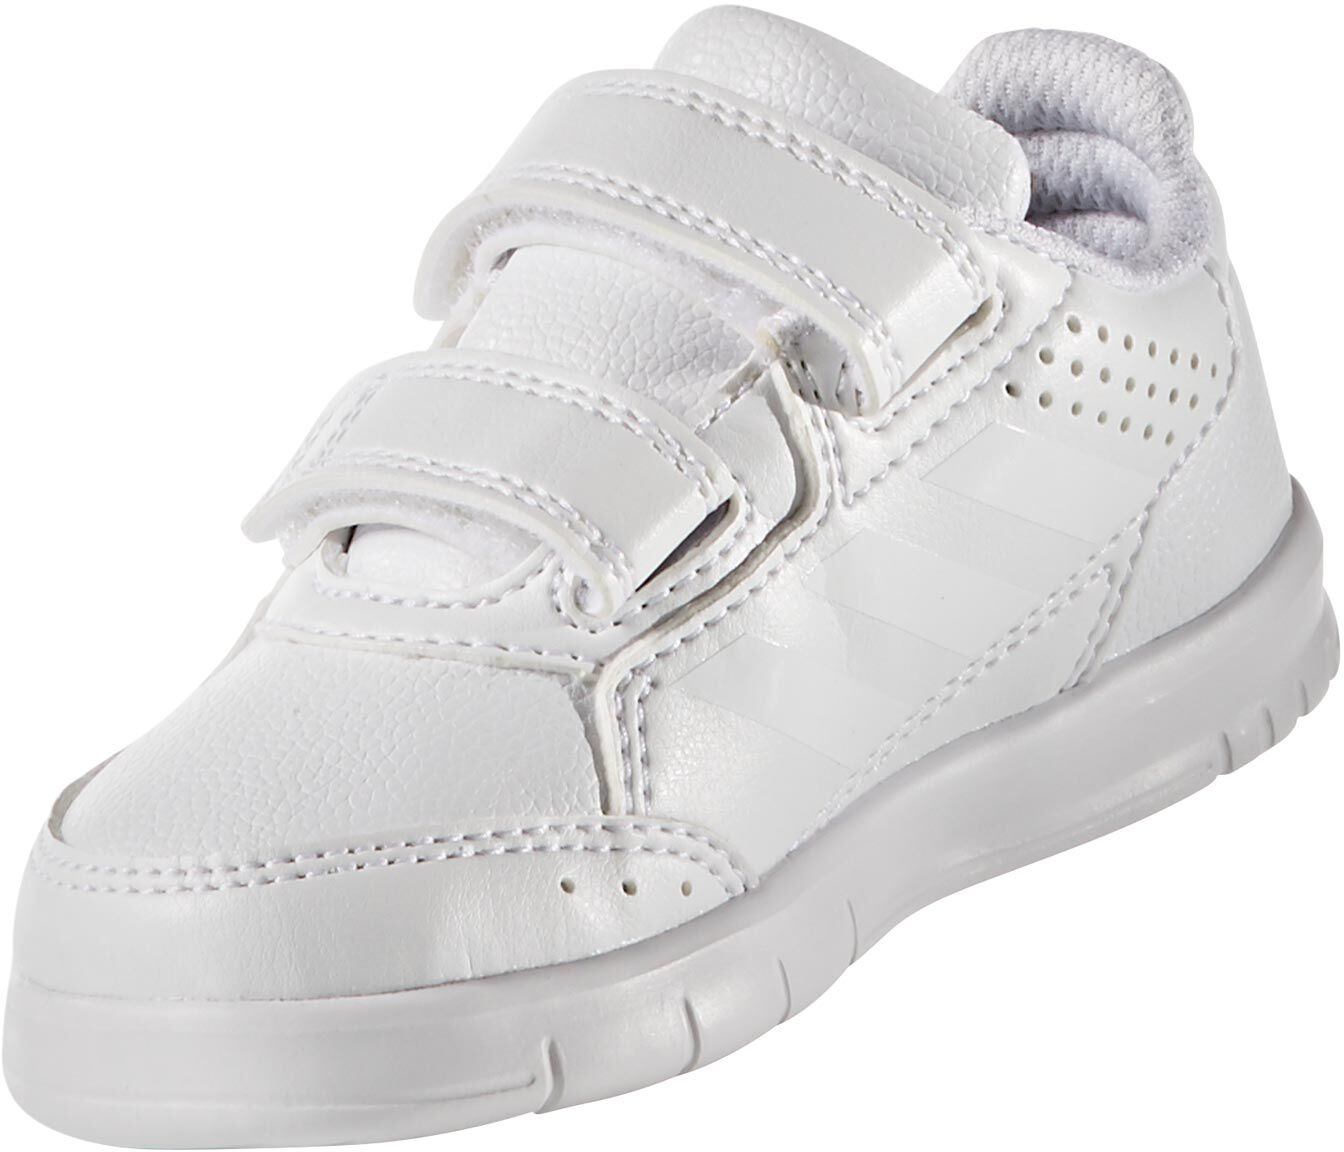 Adidas Altasport Niño · Cf Niños c35RAjL4q